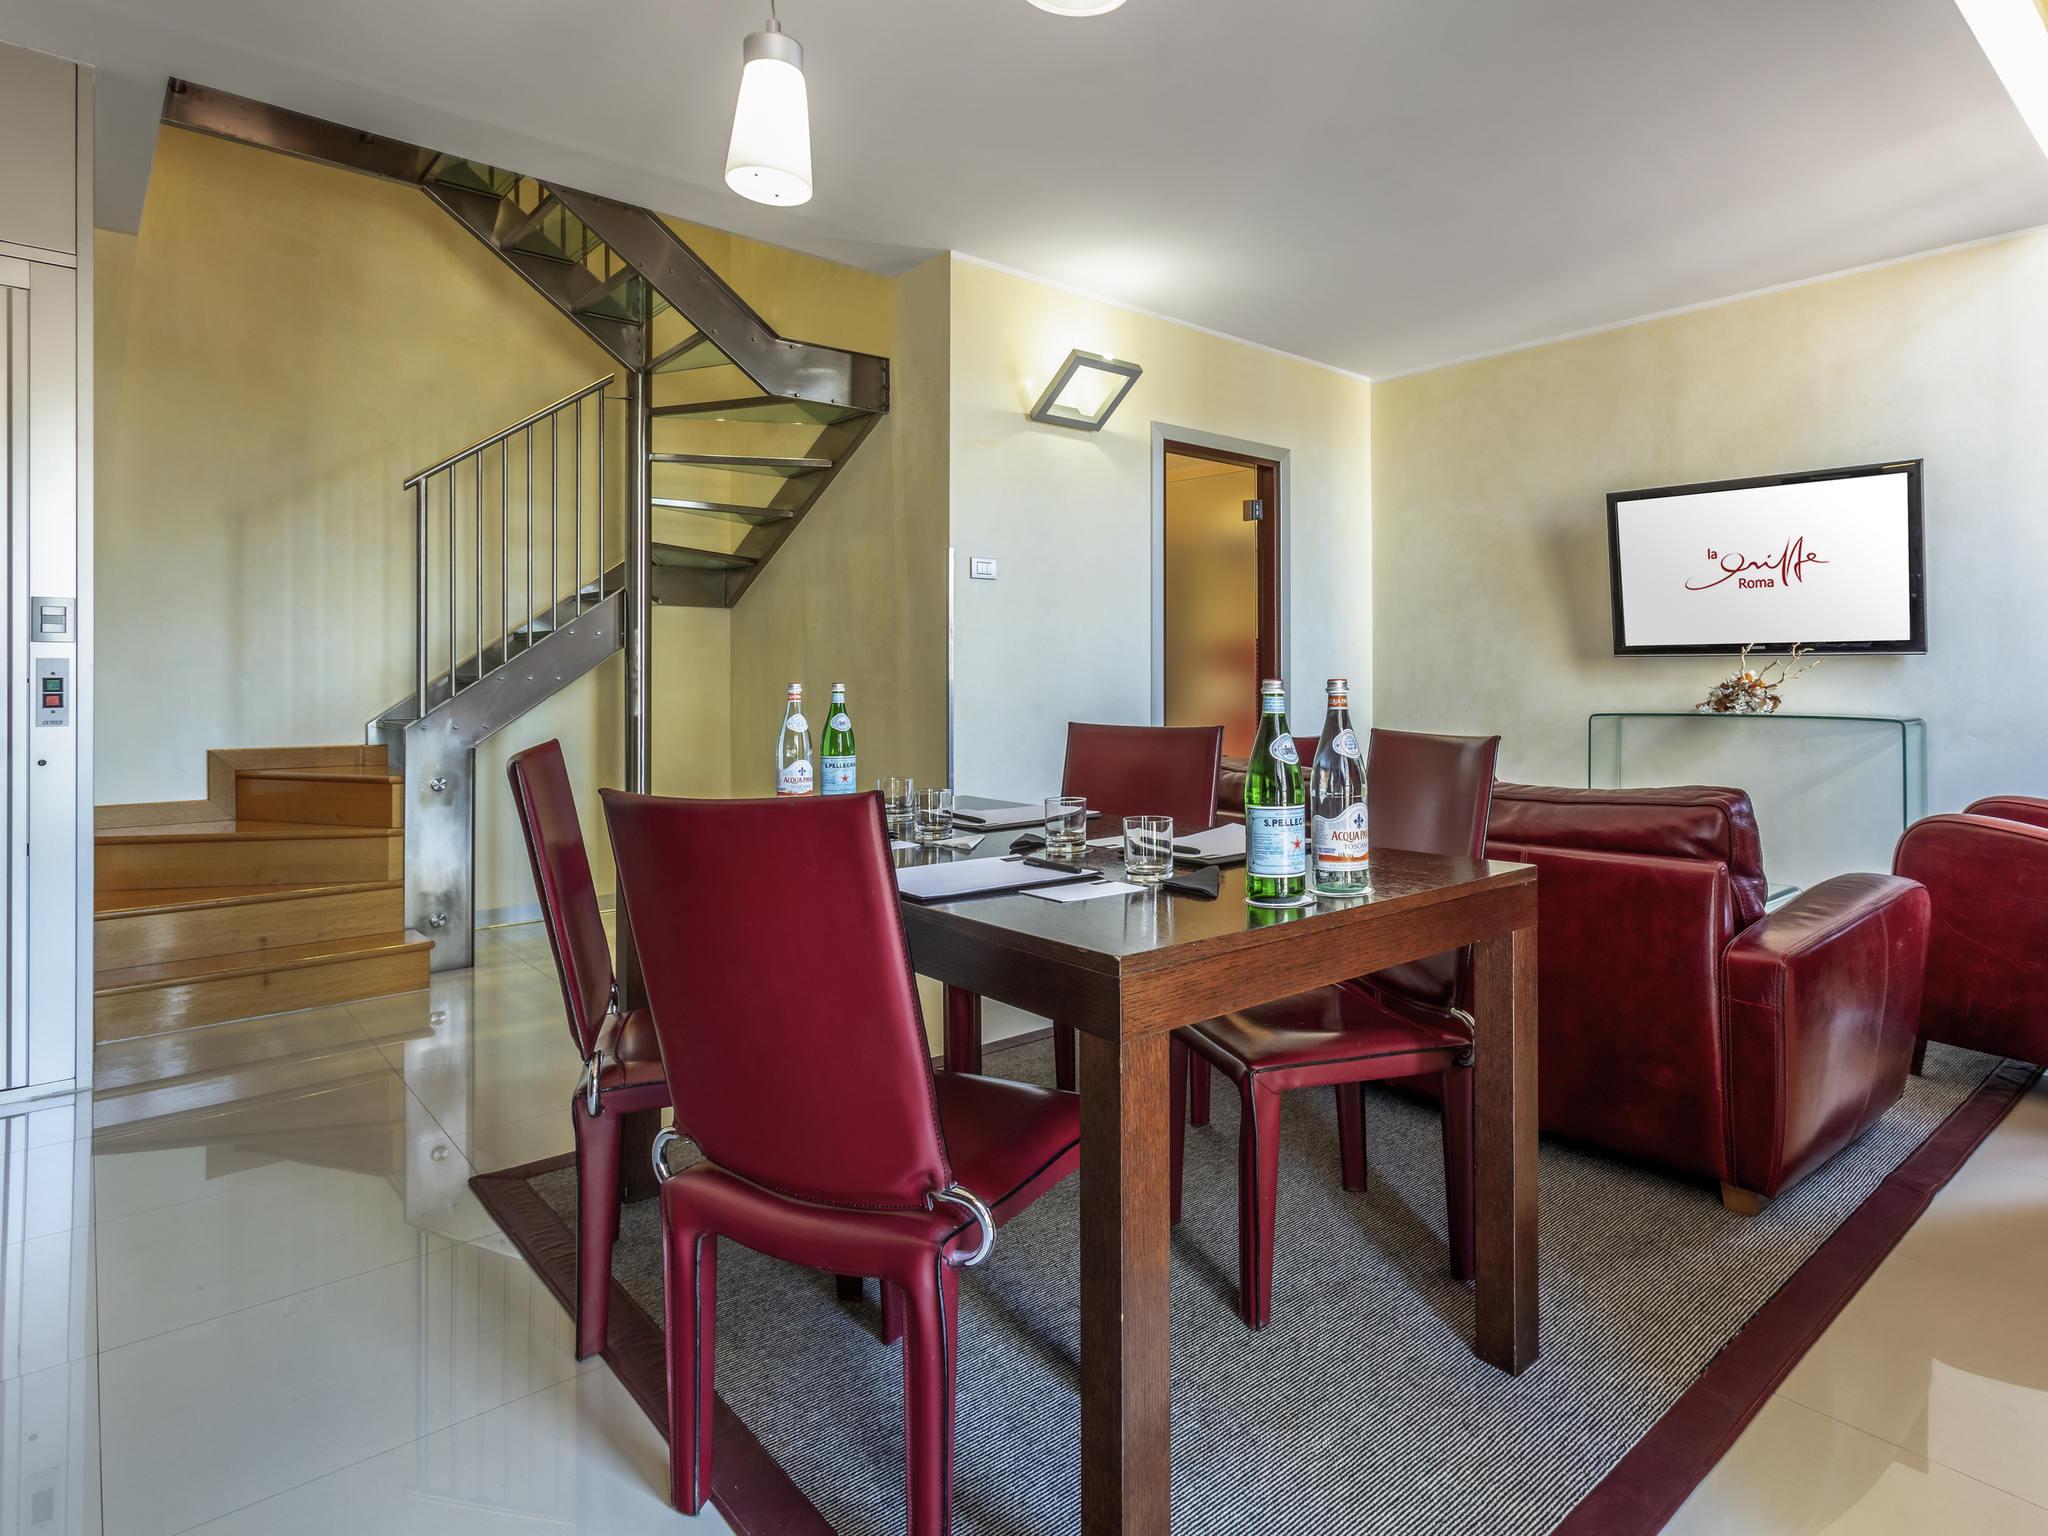 Sale Riunioni Roma Termini : Hotel la griffe roma centro mgallery by sofitel accorhotels